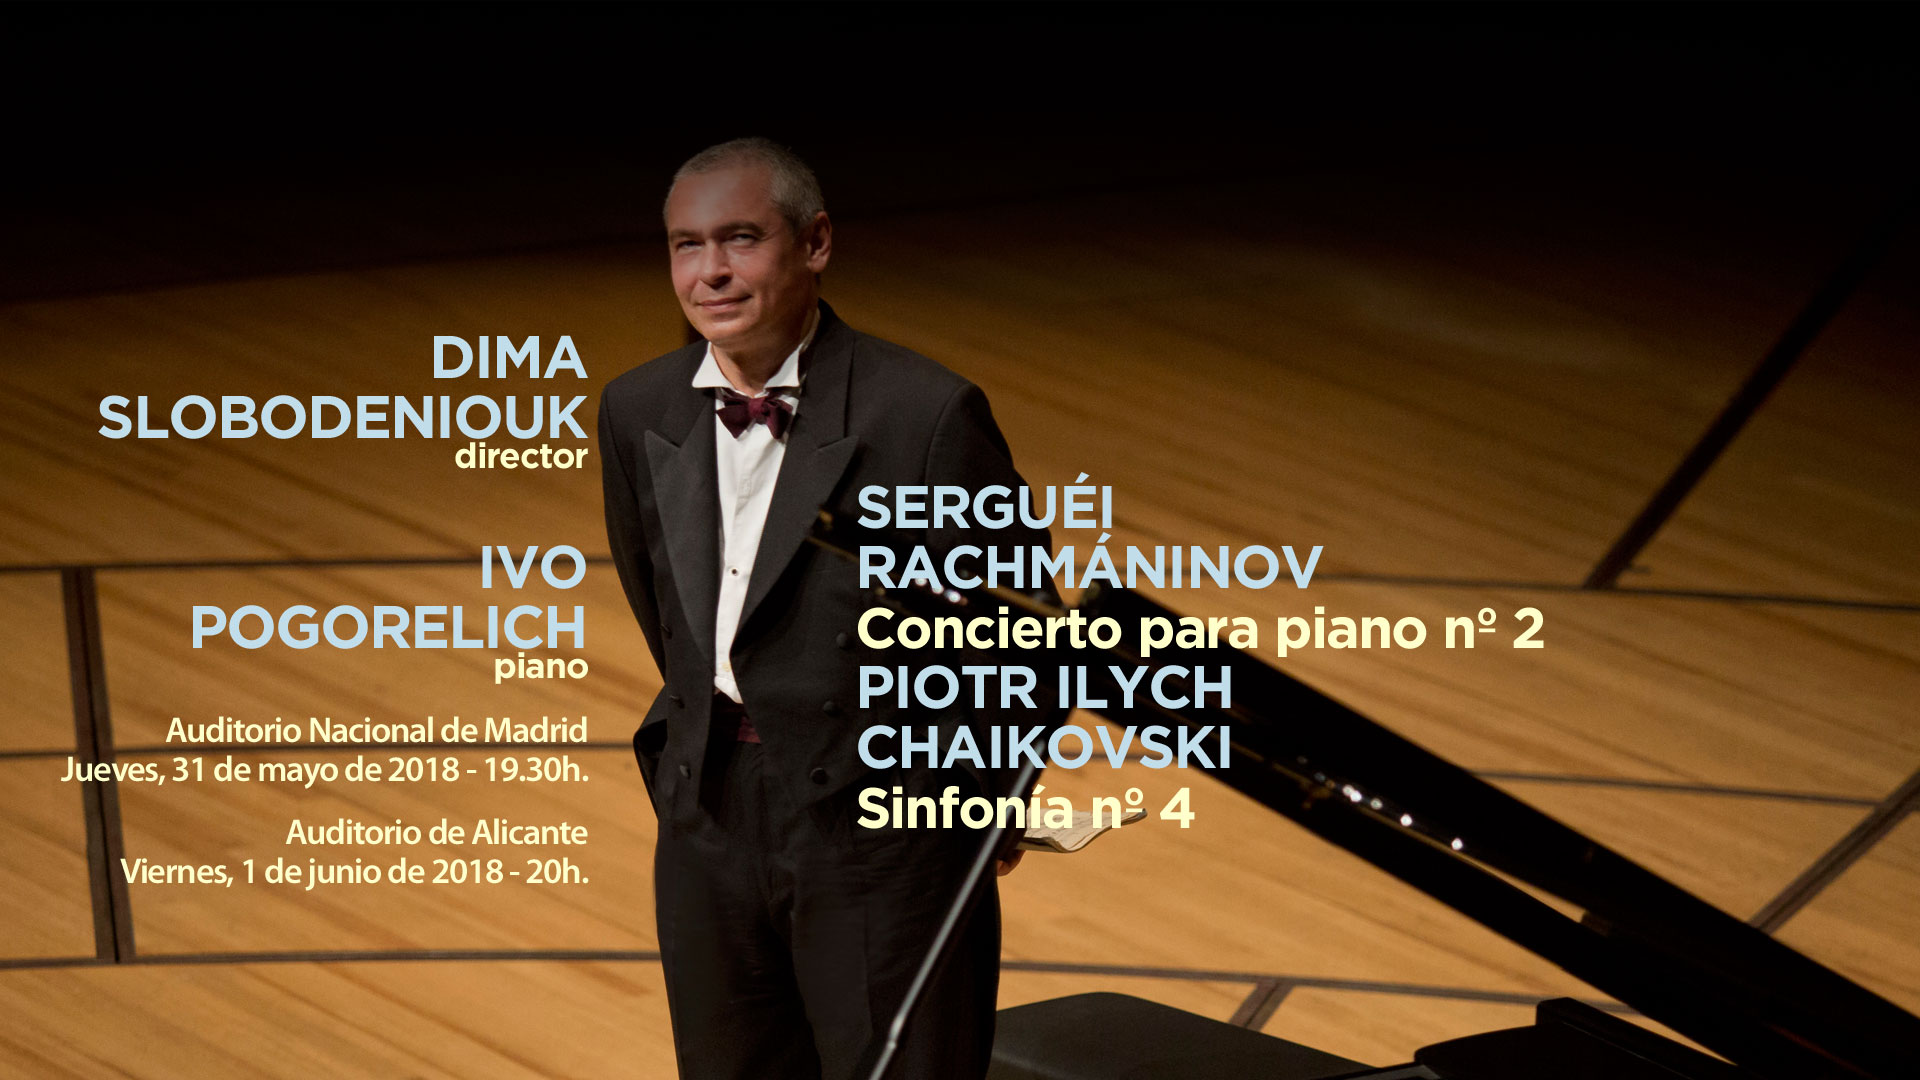 La Sinfónica de Galicia ofrece conciertos en Madrid y Alicante con el mito del piano Ivo Pogorelich